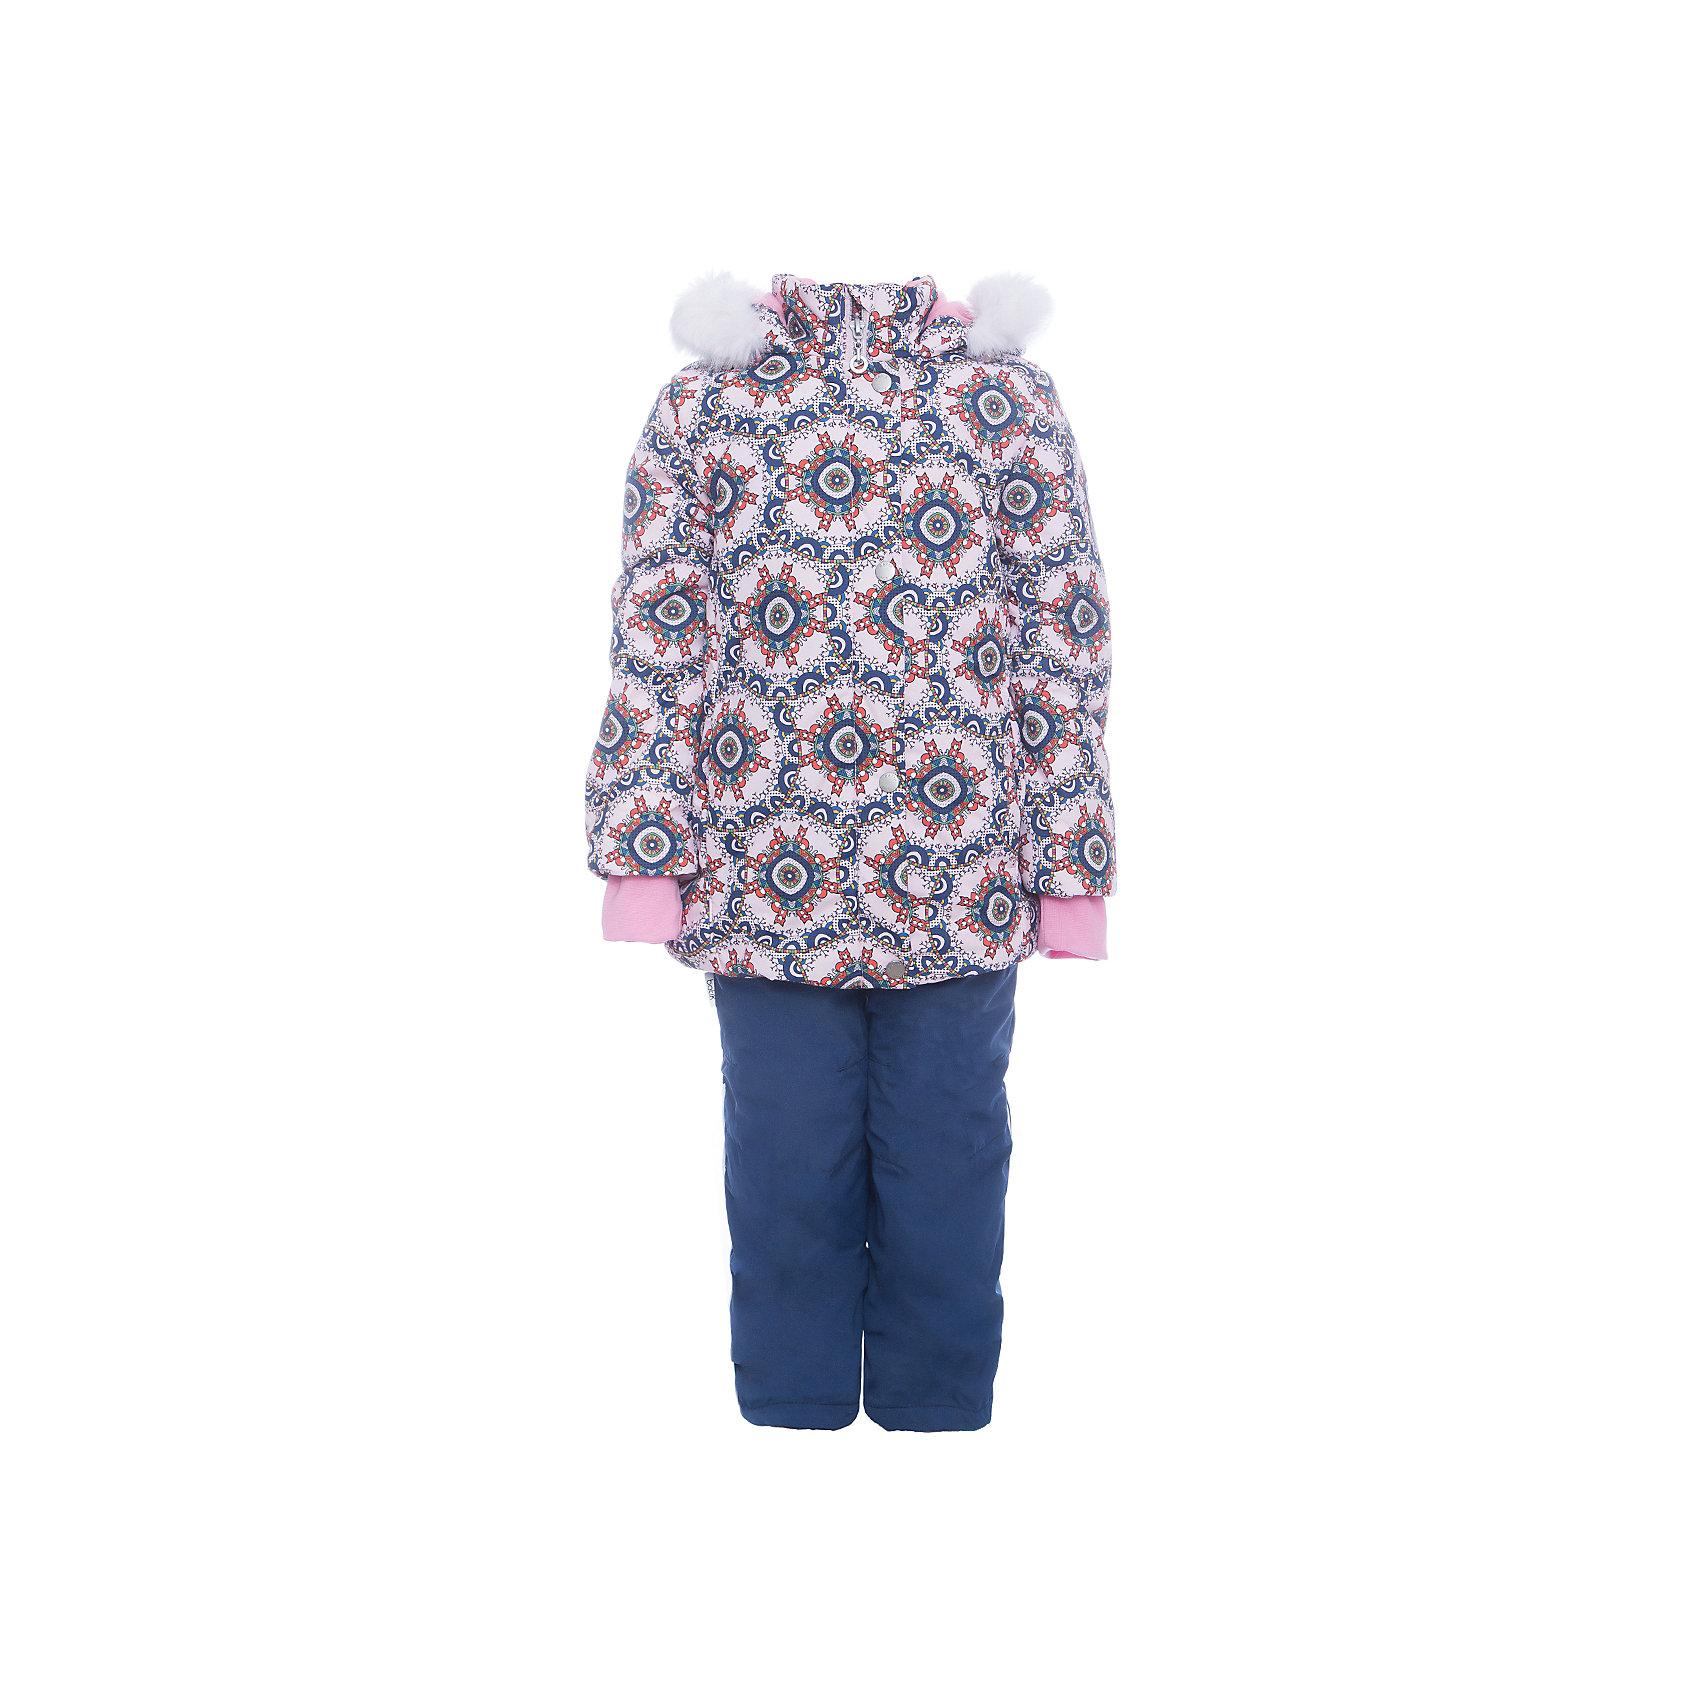 Комплект: куртка и полукомбенизон Дарина Batik для девочкиВерхняя одежда<br>Комплект: куртка и полукомбенизон Дарина Batik для девочки <br>Верхняя ткань обладает водоотталкивающими и ветрозащитными свойствами мембраны. Куртка на молнии с ветрозащитной планкой и светоотражающими элементами. Полукомбинезон на молнии с регулируемыми лямками и силиконовыми штрипками для ботинок у «Дарины». Капюшон на молнии со съемной опушкой.<br>Состав:<br>Ткань верха - TASLON OXFORD;  Утеплитель - Слайтекс 350;  Подкладка - Полар флис;<br><br>Ширина мм: 356<br>Глубина мм: 10<br>Высота мм: 245<br>Вес г: 519<br>Цвет: синий<br>Возраст от месяцев: 60<br>Возраст до месяцев: 72<br>Пол: Женский<br>Возраст: Детский<br>Размер: 116,104,110<br>SKU: 7028136